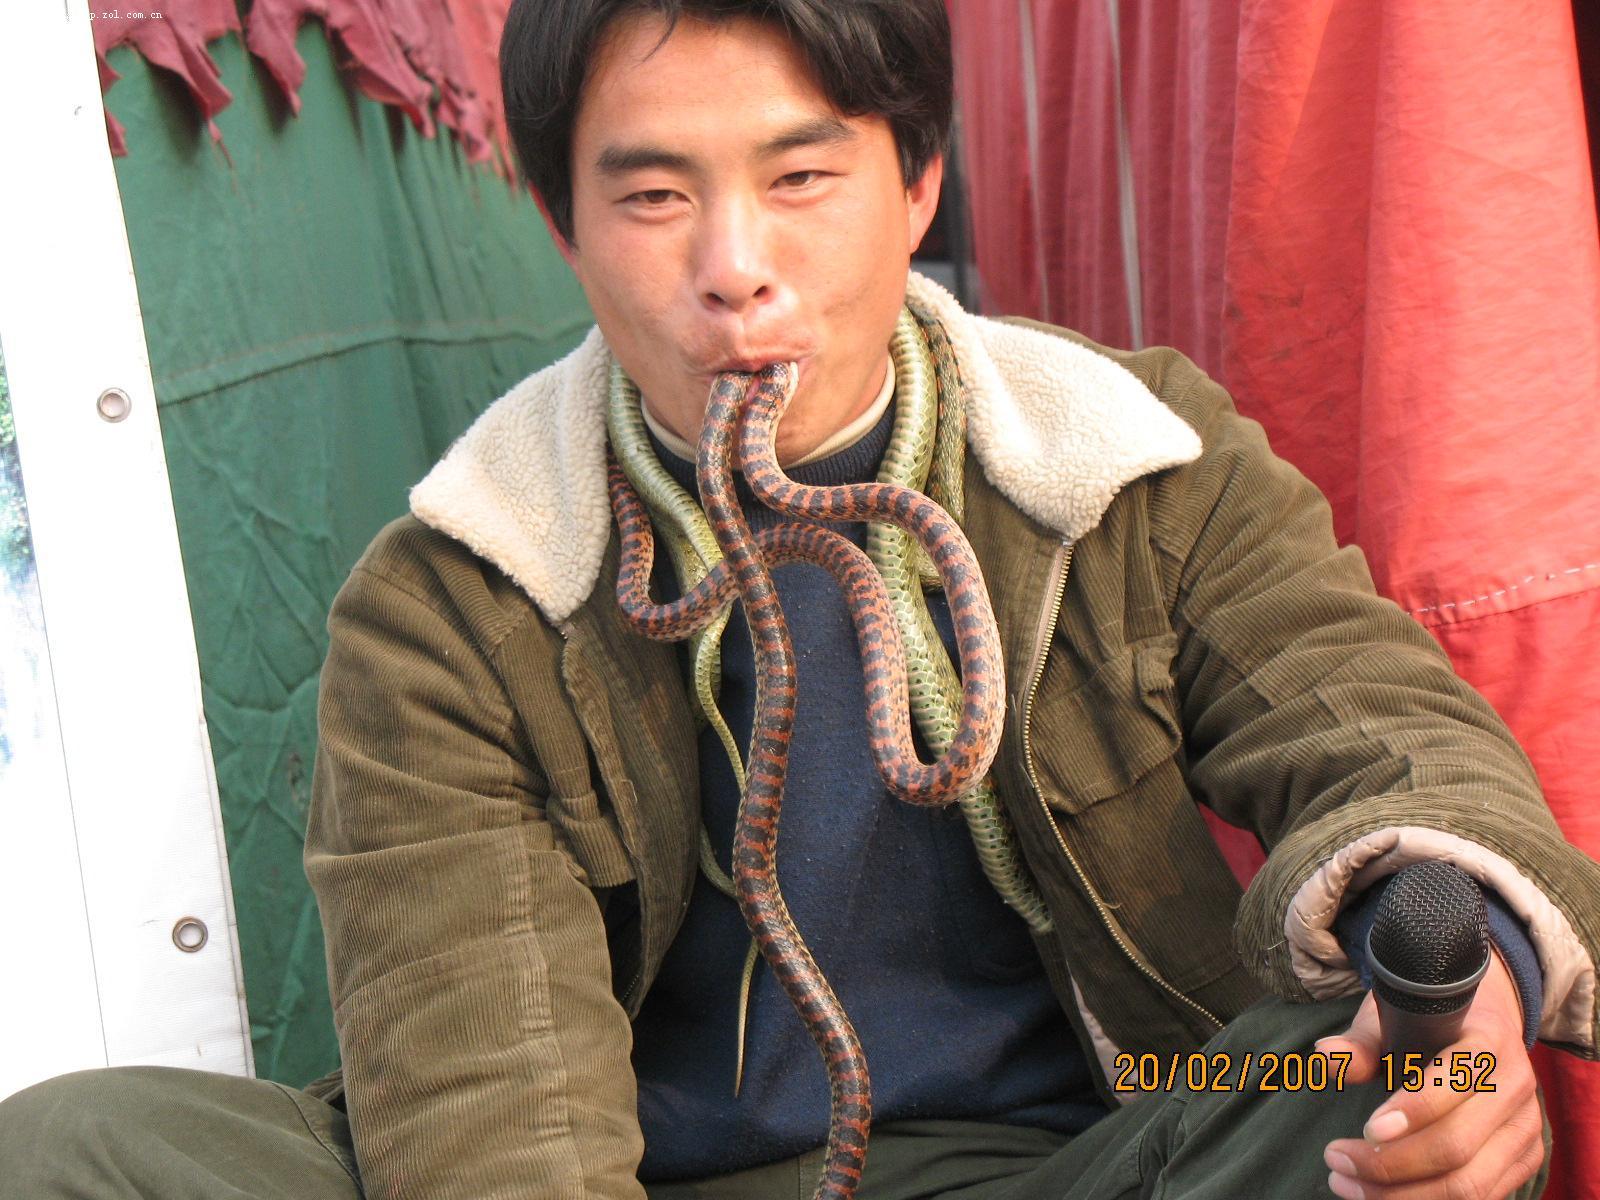 蛇吃人 人吃蛇